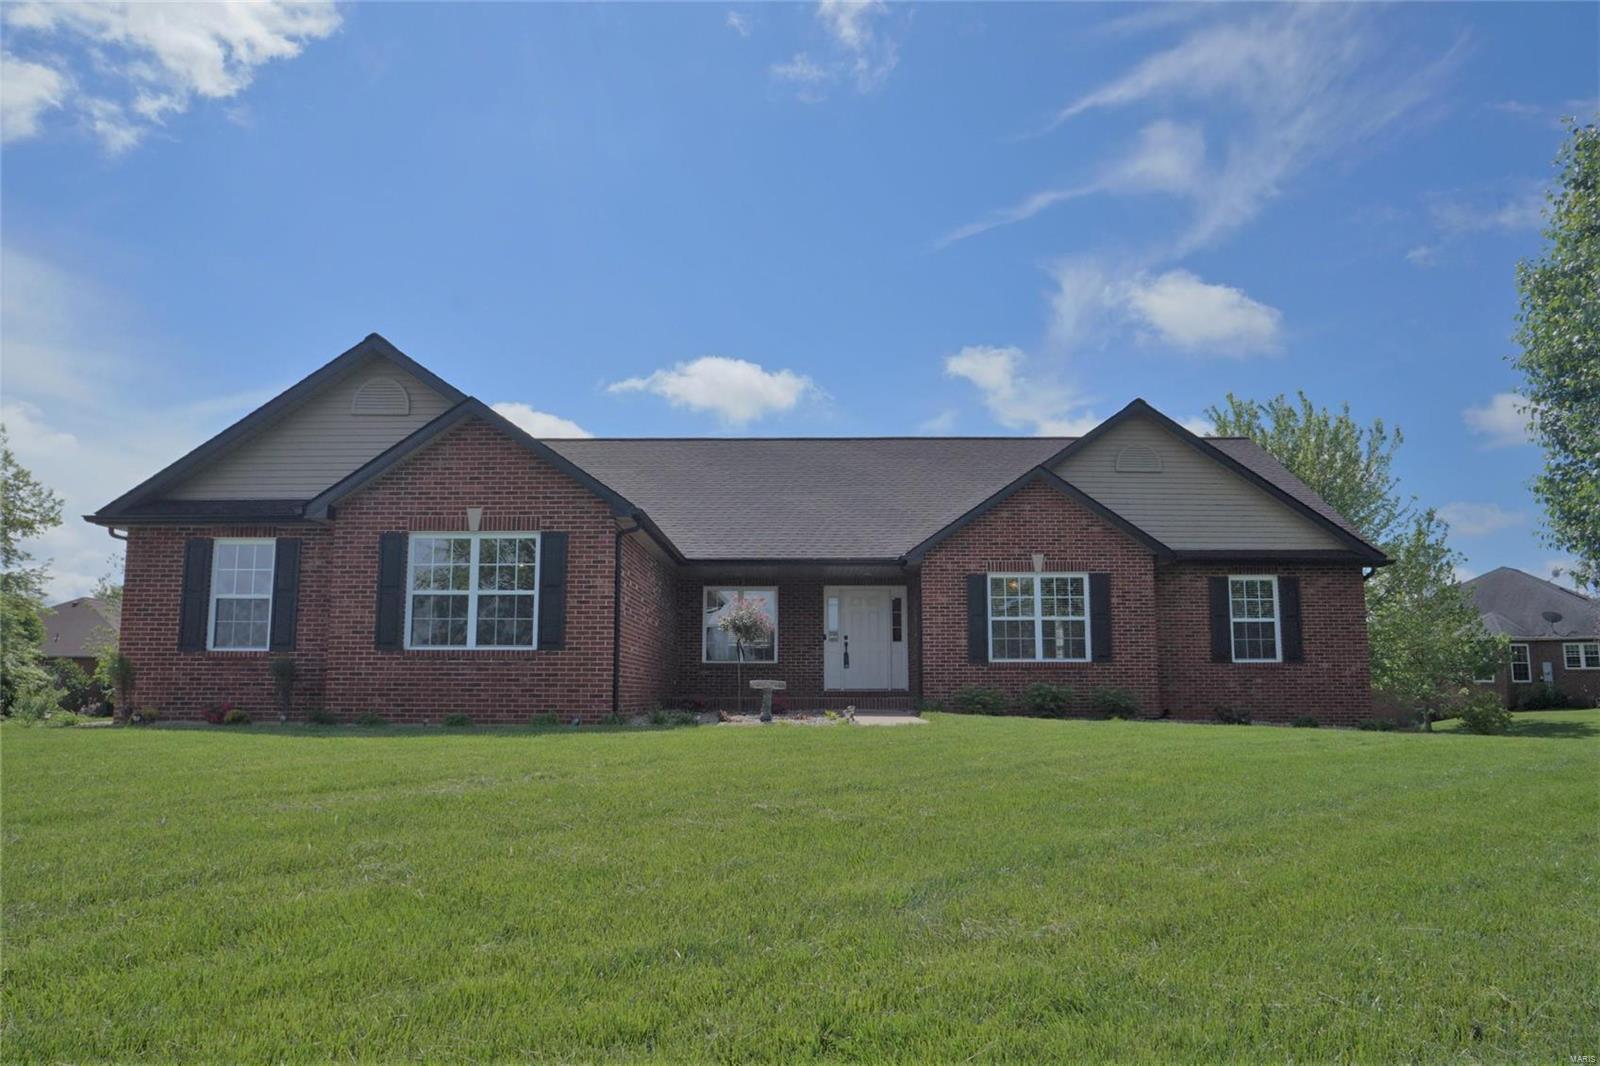 4194 Cypress Oak Lane Property Photo - Smithton, IL real estate listing